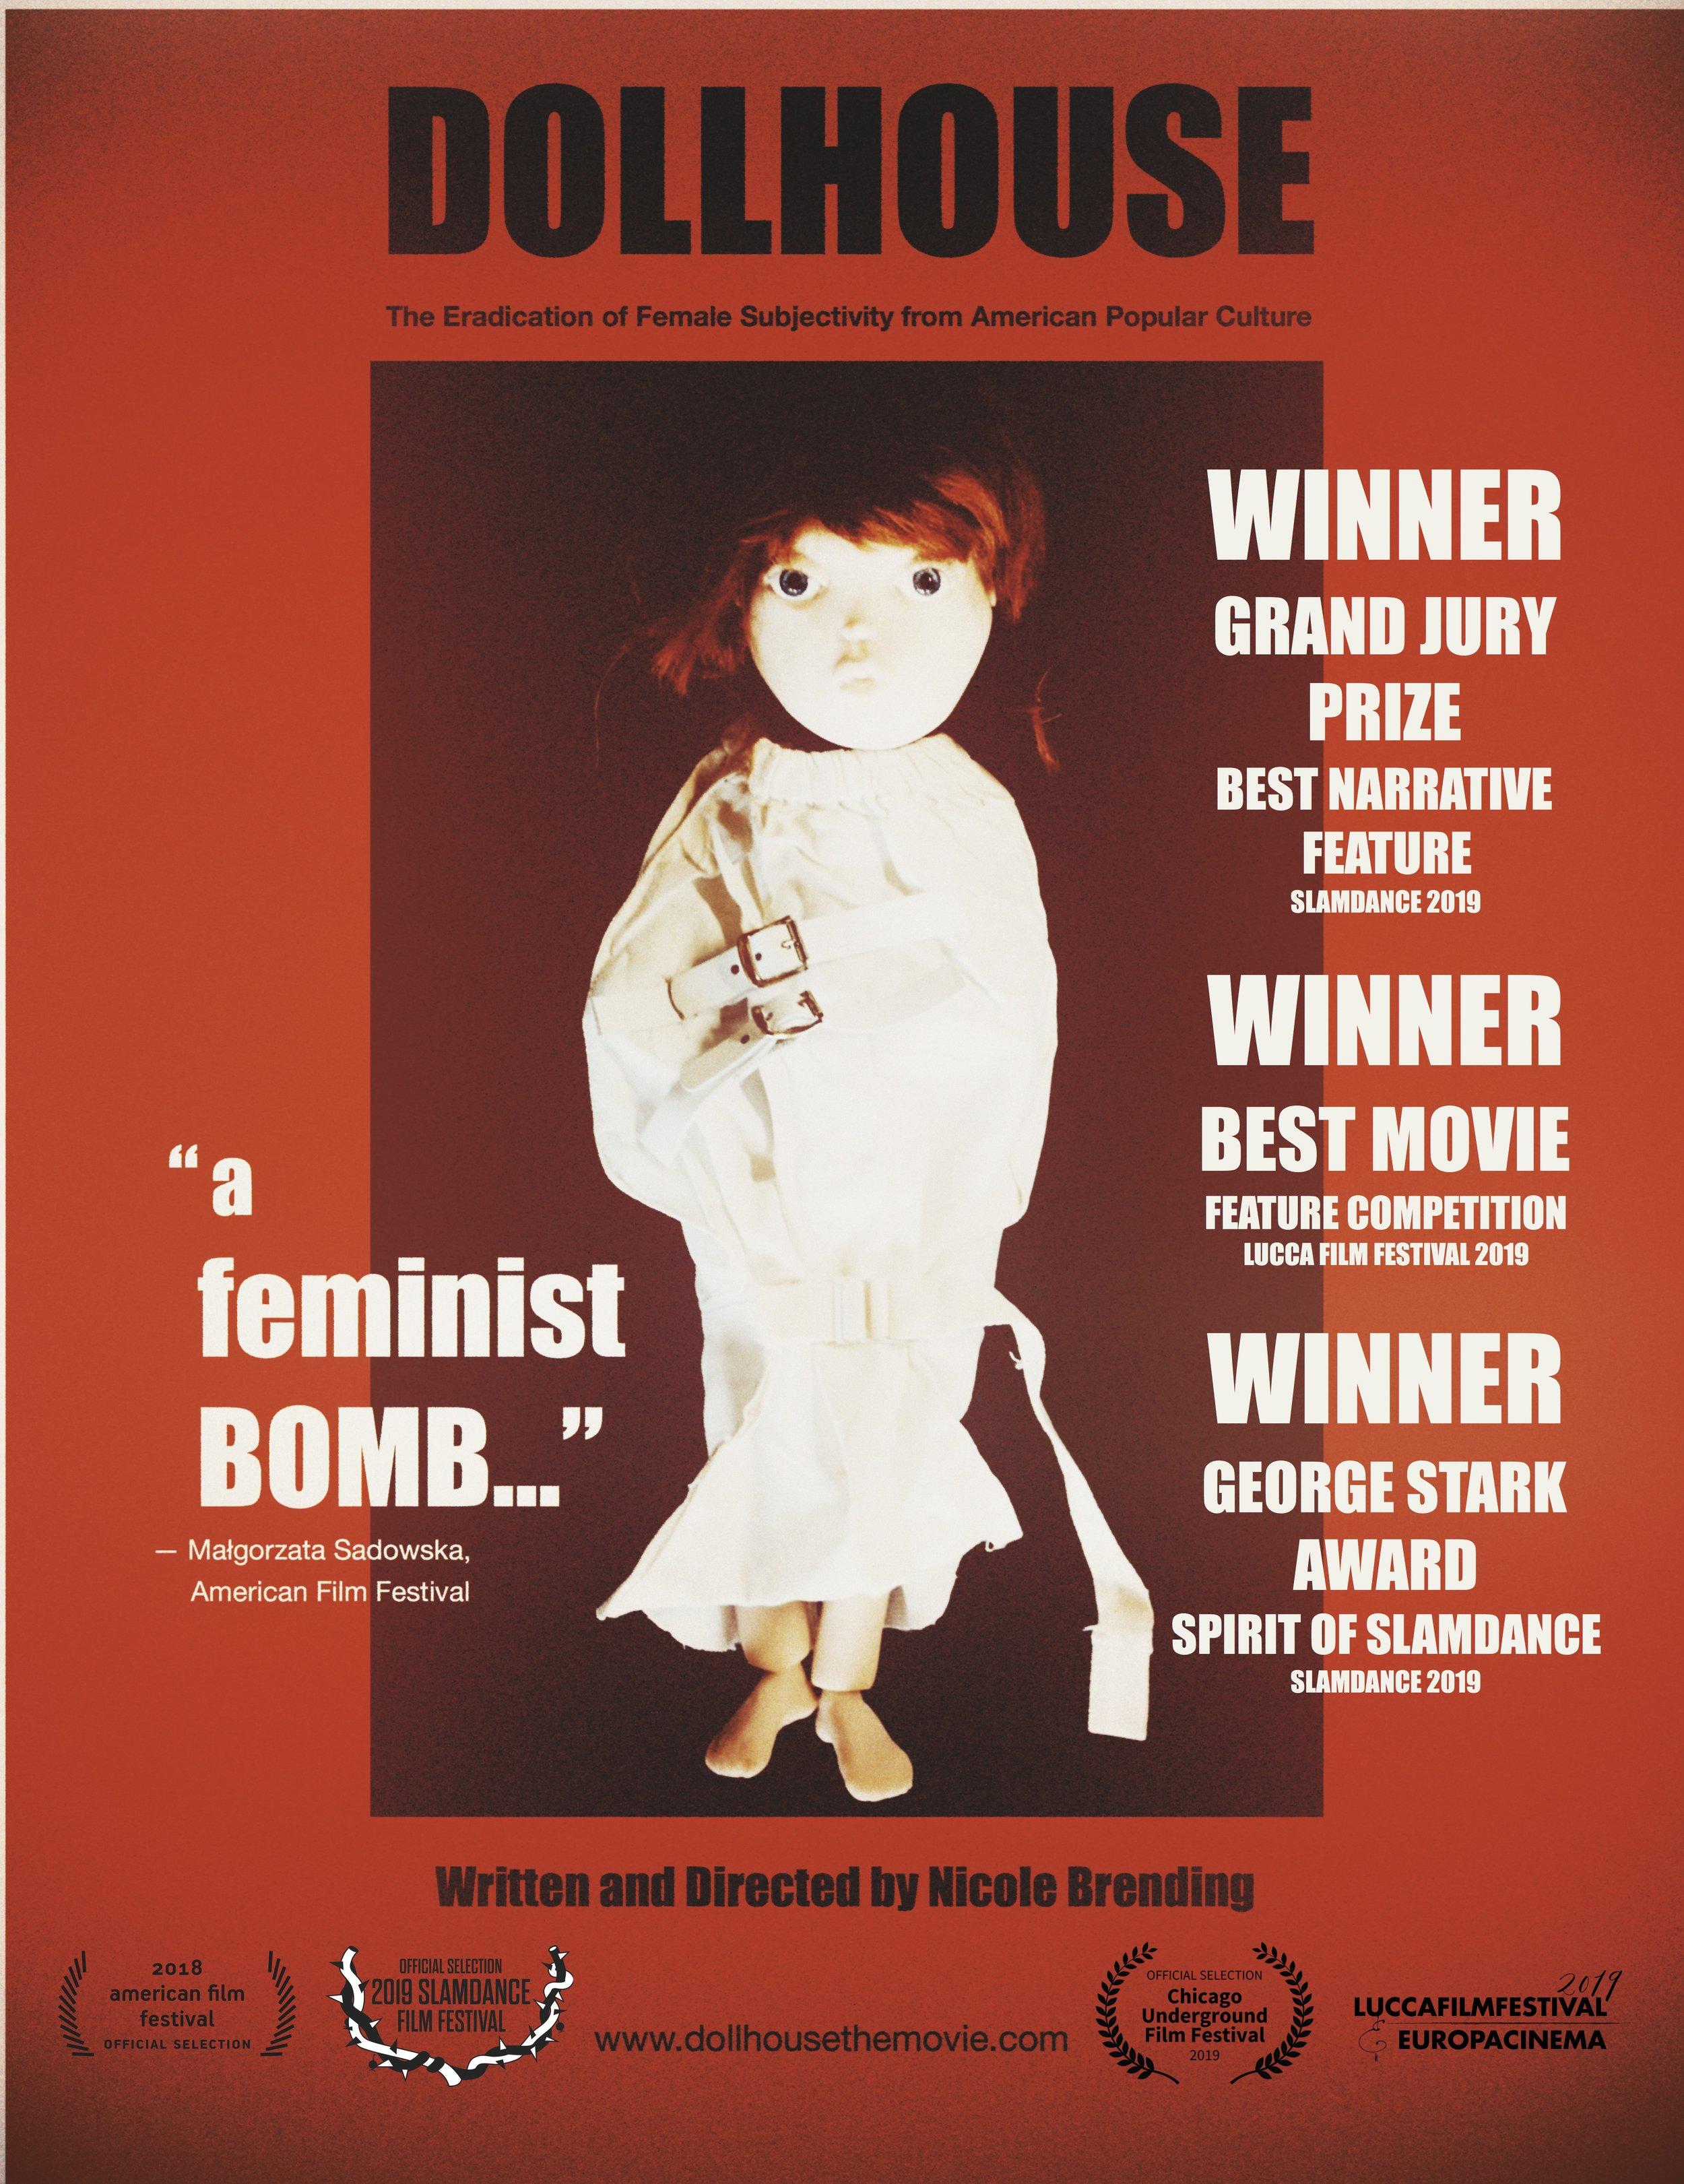 Dollhouse Poster Art_04212019.jpg